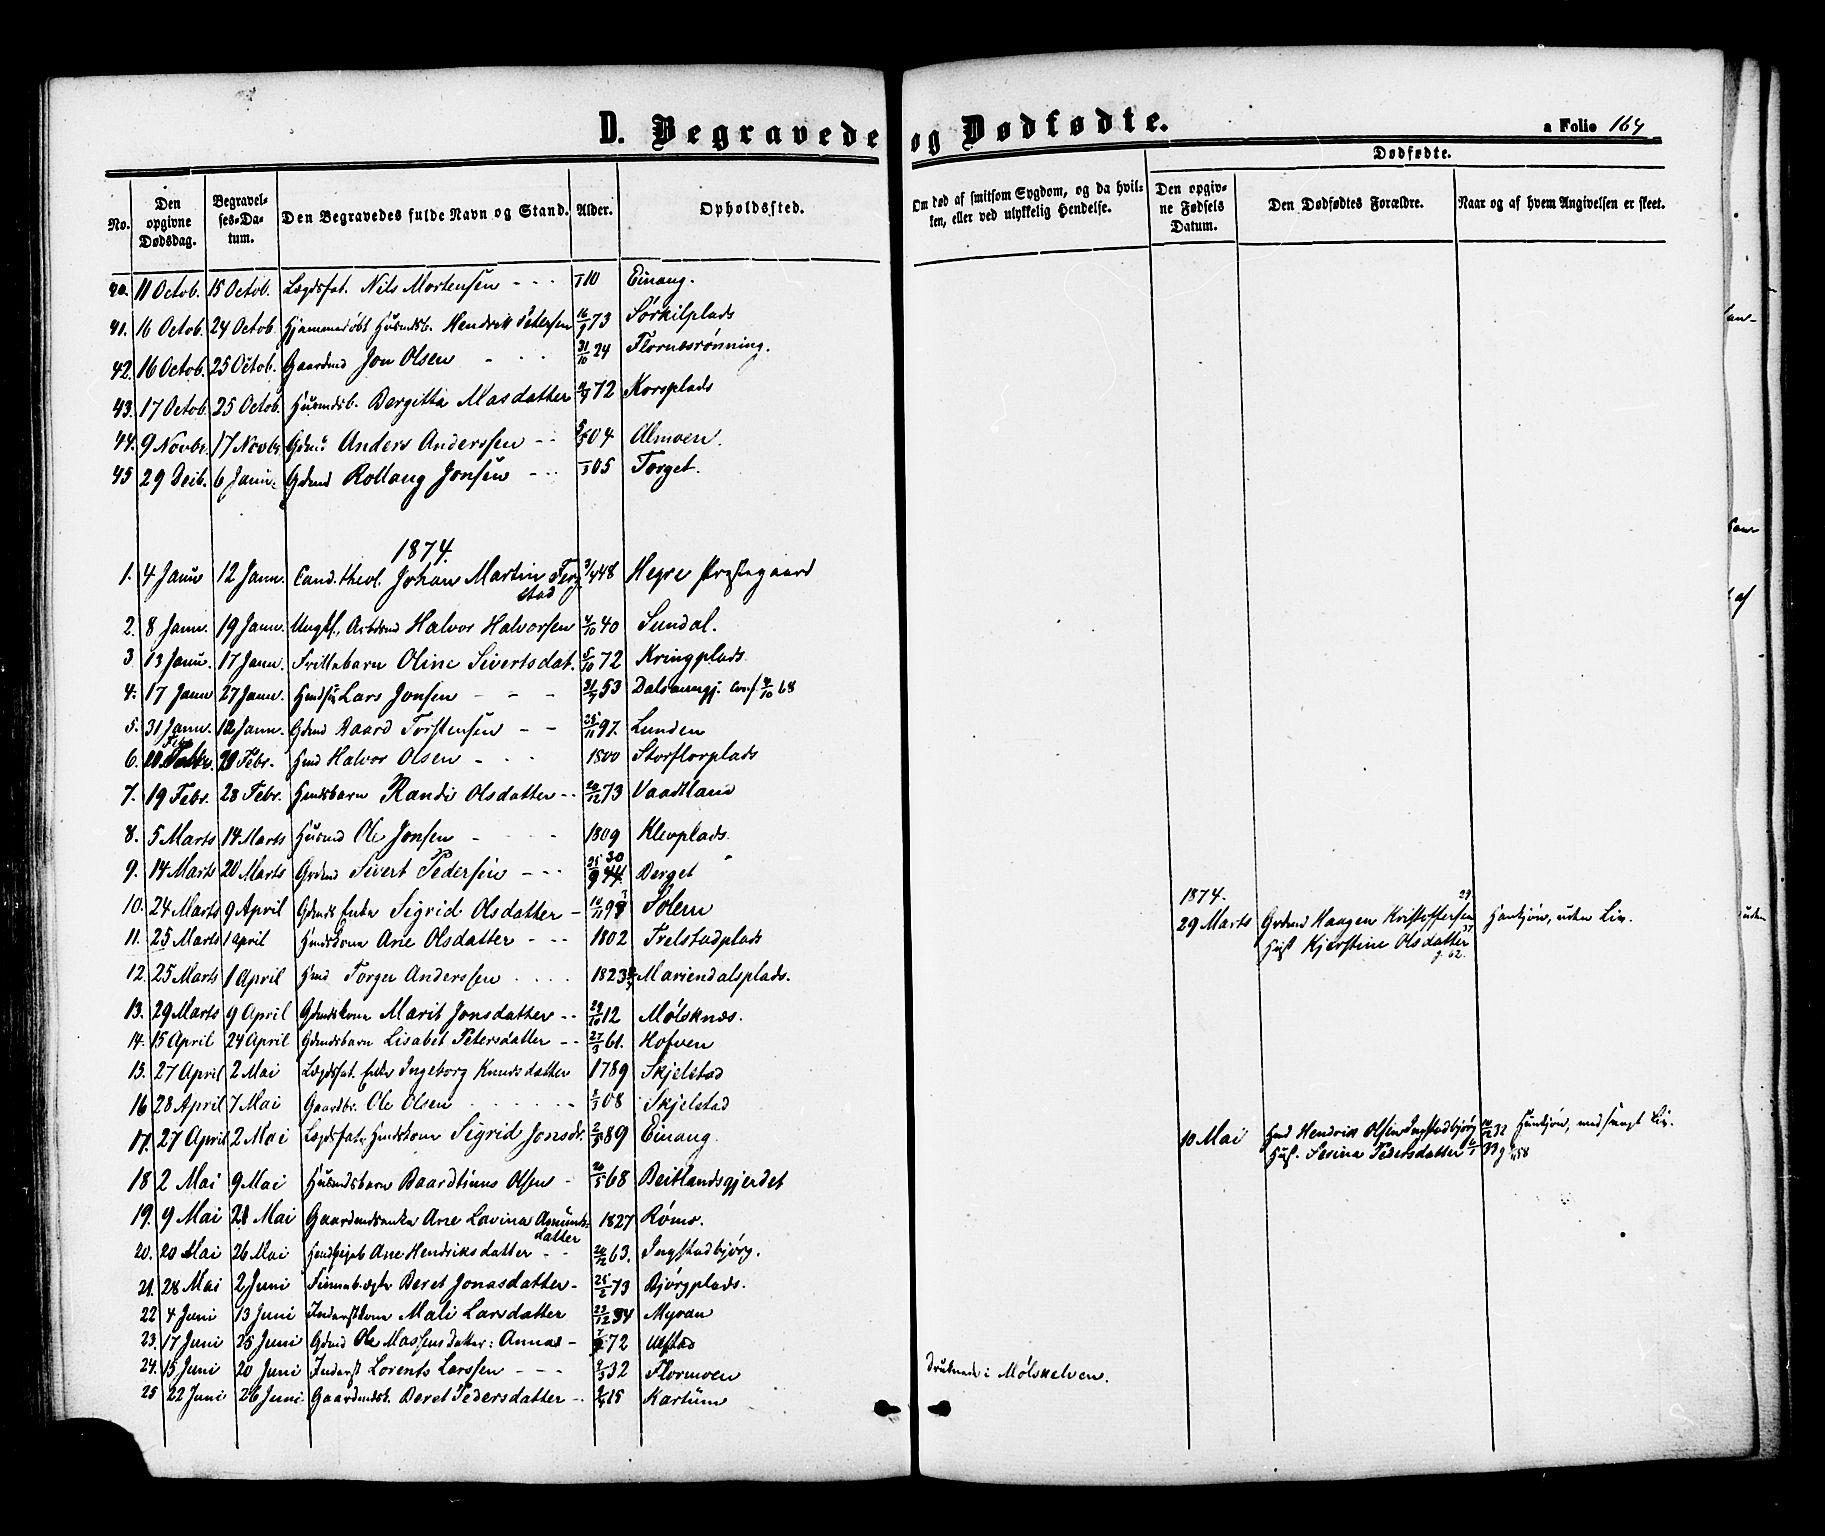 SAT, Ministerialprotokoller, klokkerbøker og fødselsregistre - Nord-Trøndelag, 703/L0029: Ministerialbok nr. 703A02, 1863-1879, s. 164